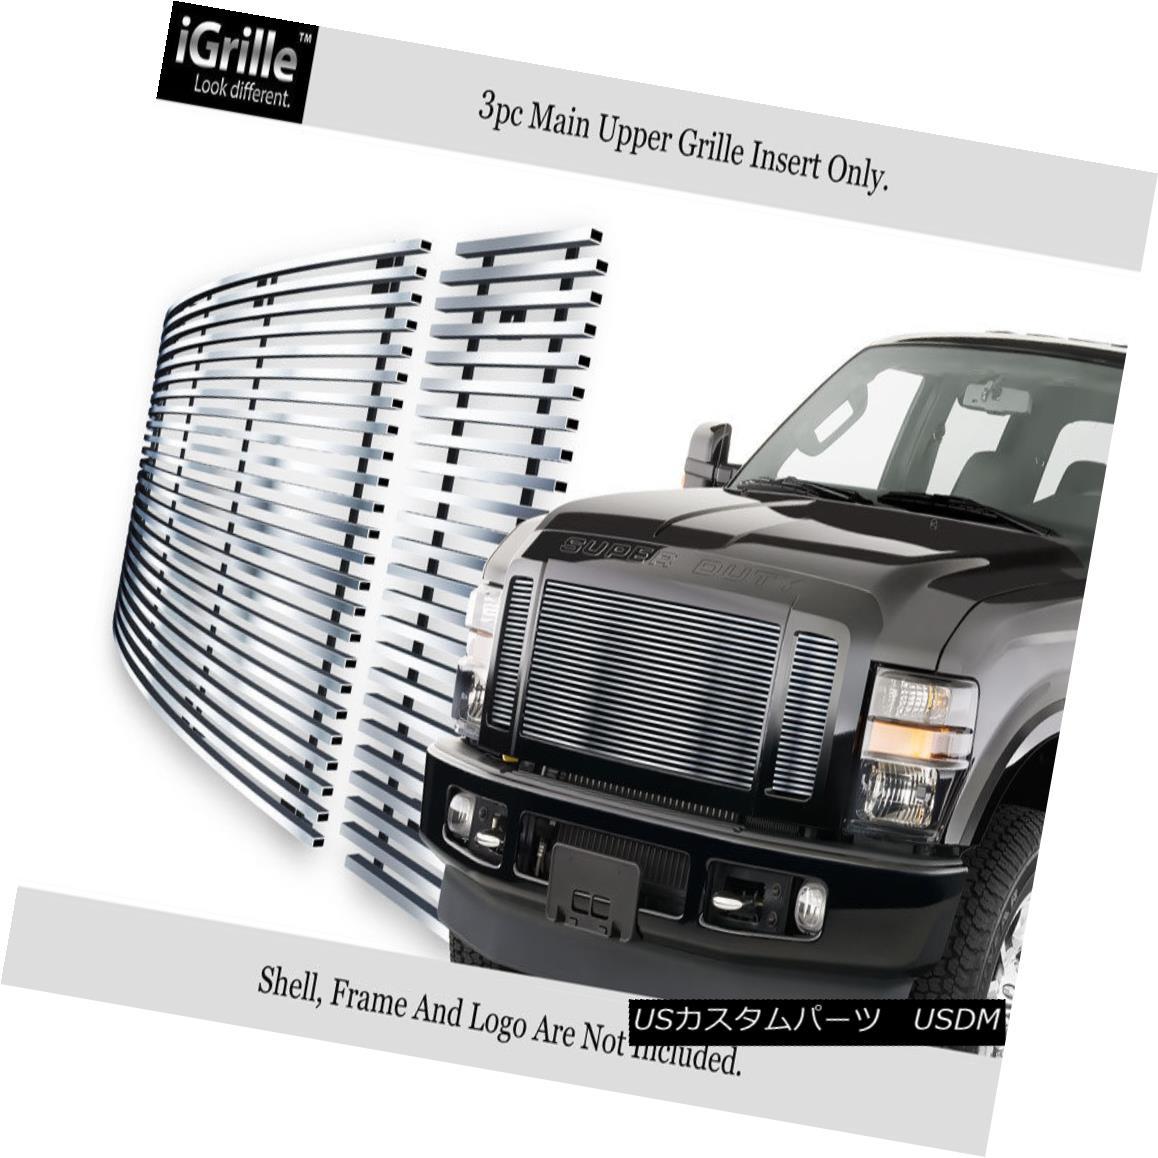 グリル For 2008-2010 Ford F250/F350/F450/ F550 Stainless Steel Billet Grille Insert 2008年?2010年フォードF250 / F350 / F450 / F550ステンレス鋼ビレットグリルインサート